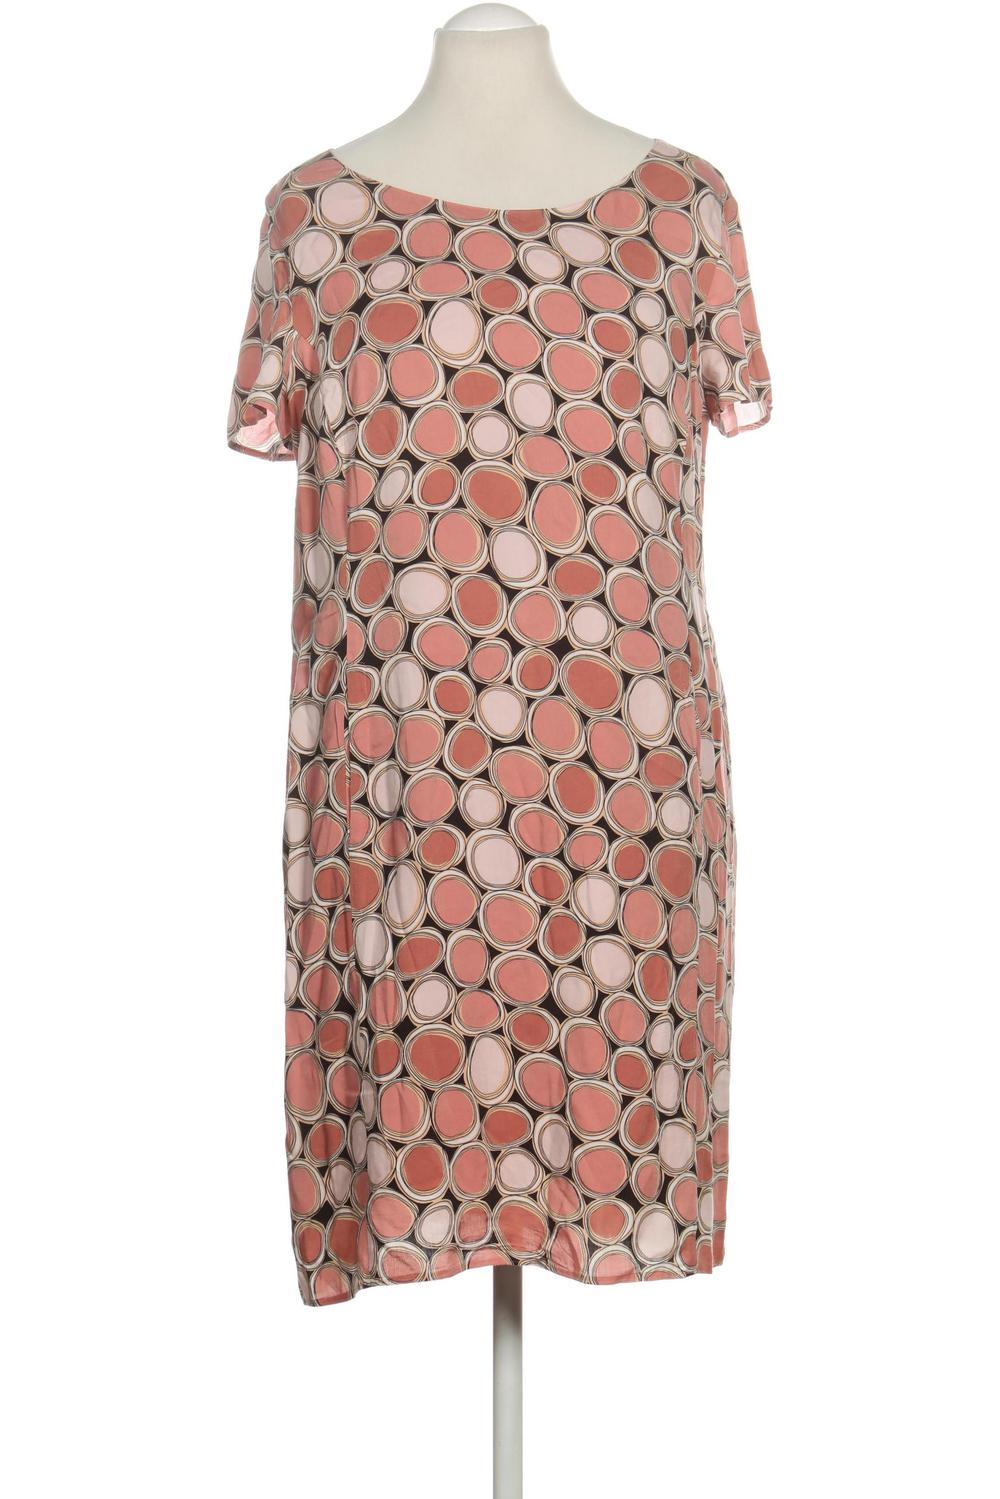 details zu taifungerry weber kleid damen dress damenkleid gr. l kein  etiket #db42a59